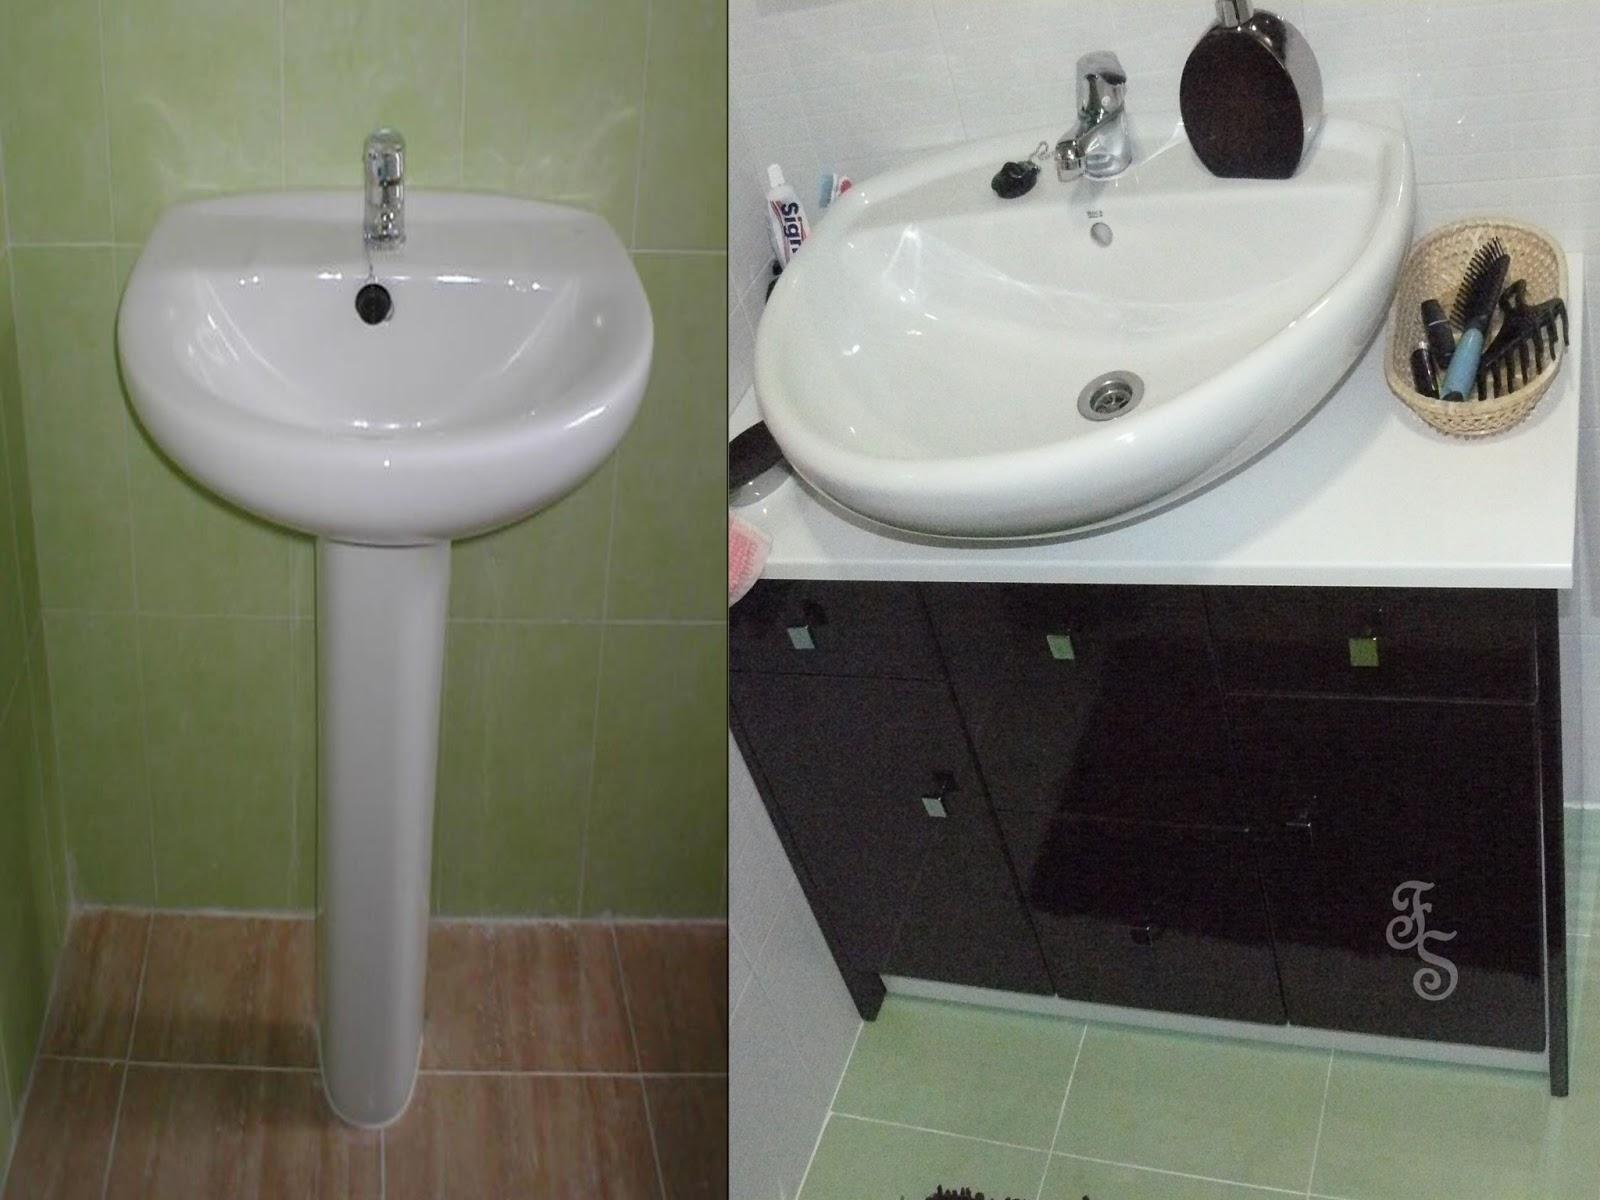 Casas cocinas mueble muebles de lavabo con pie - Muebles de bano para lavabos con pie ...